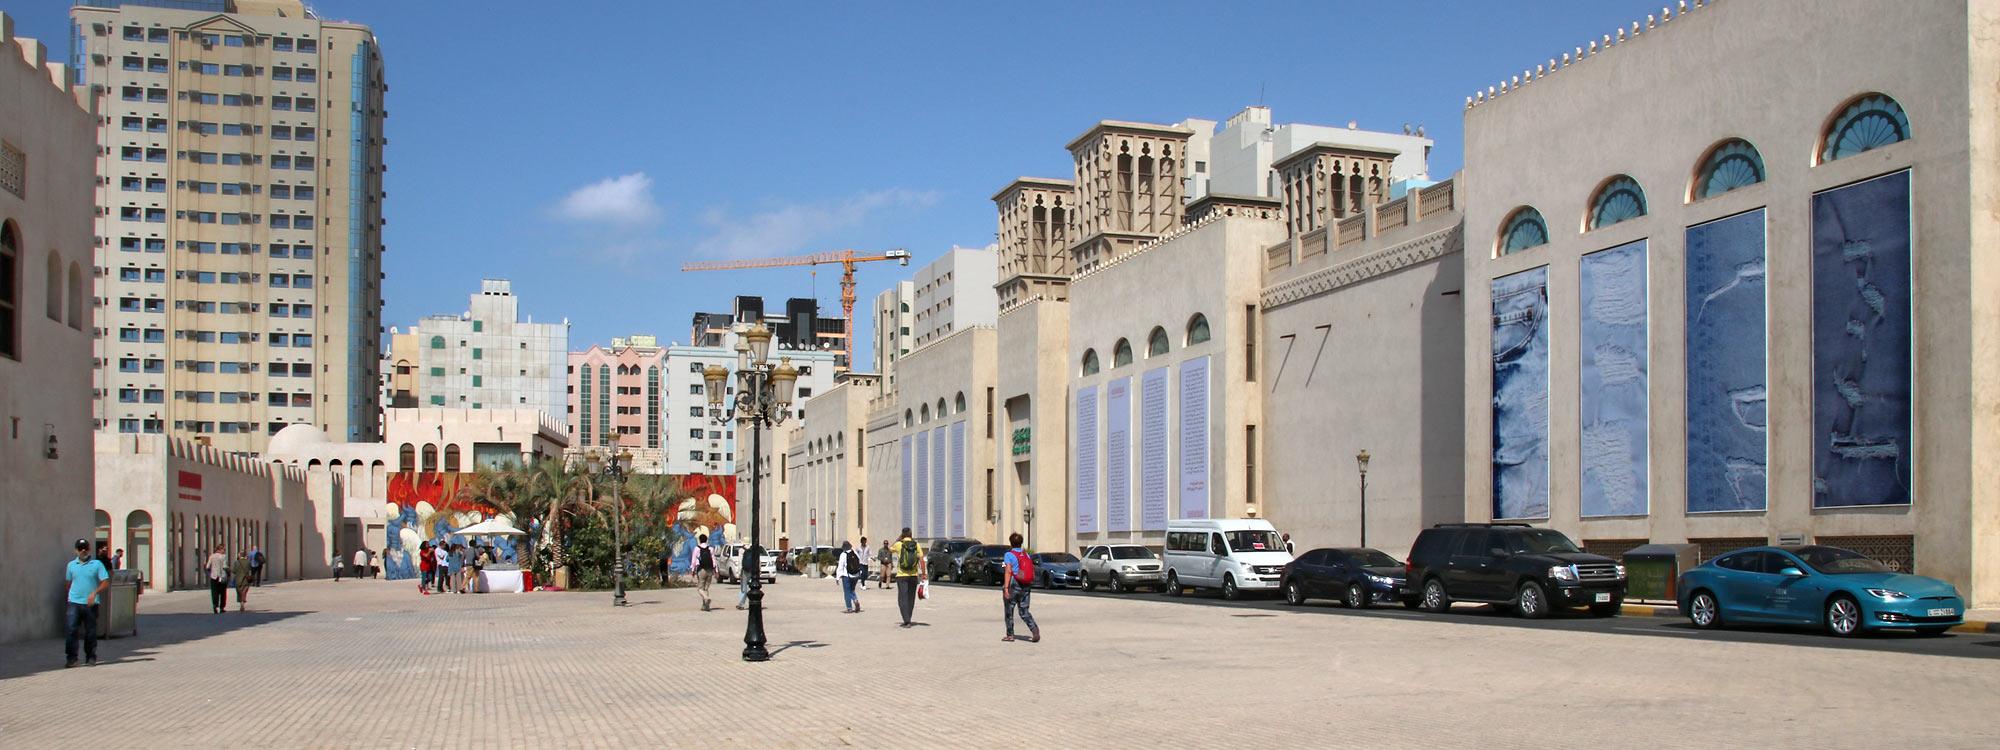 Arts Square